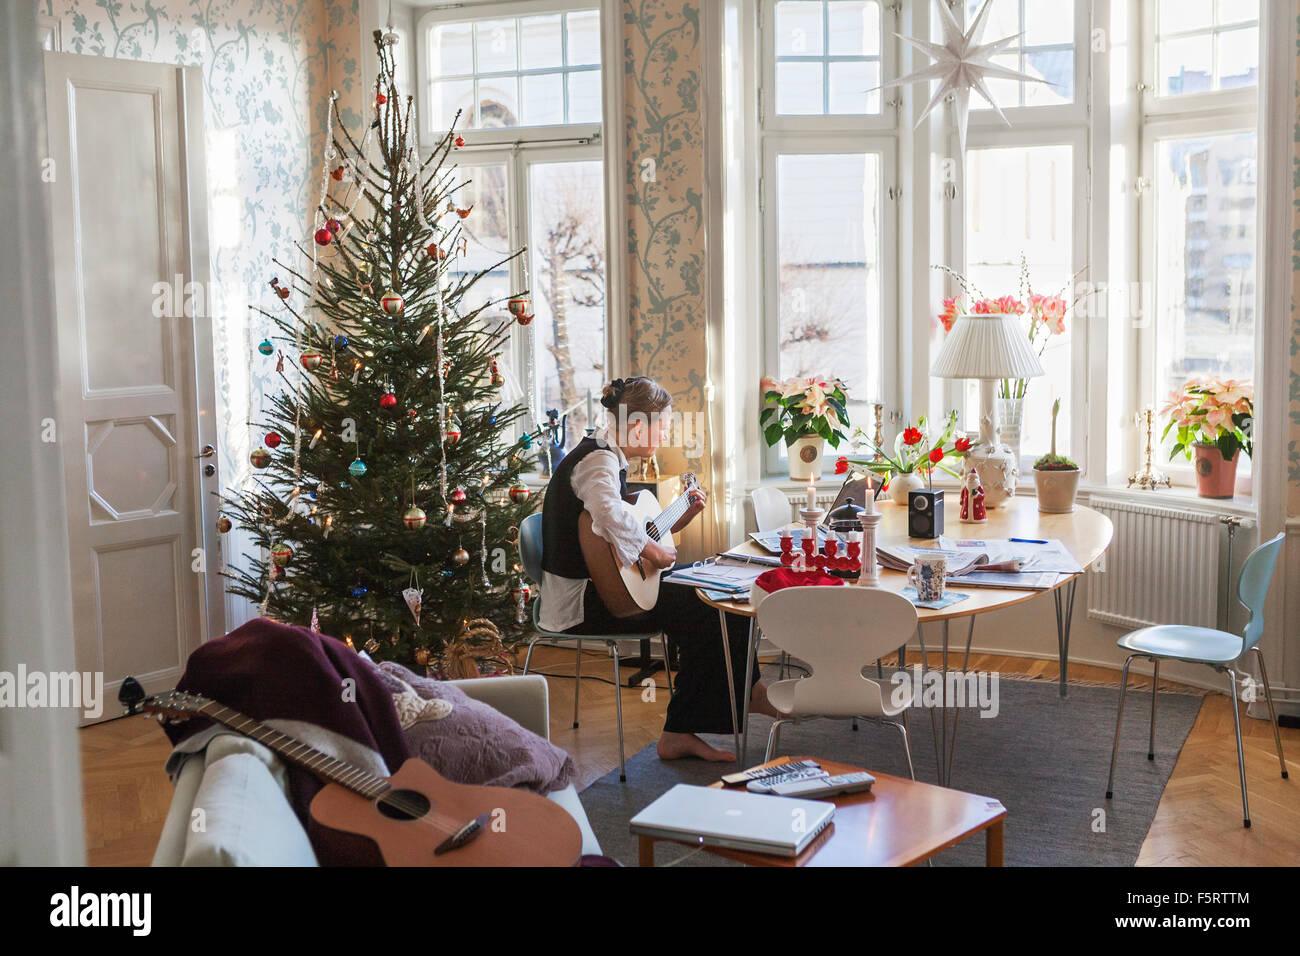 Suecia, Senior mujer tocando la guitarra en el salón Imagen De Stock